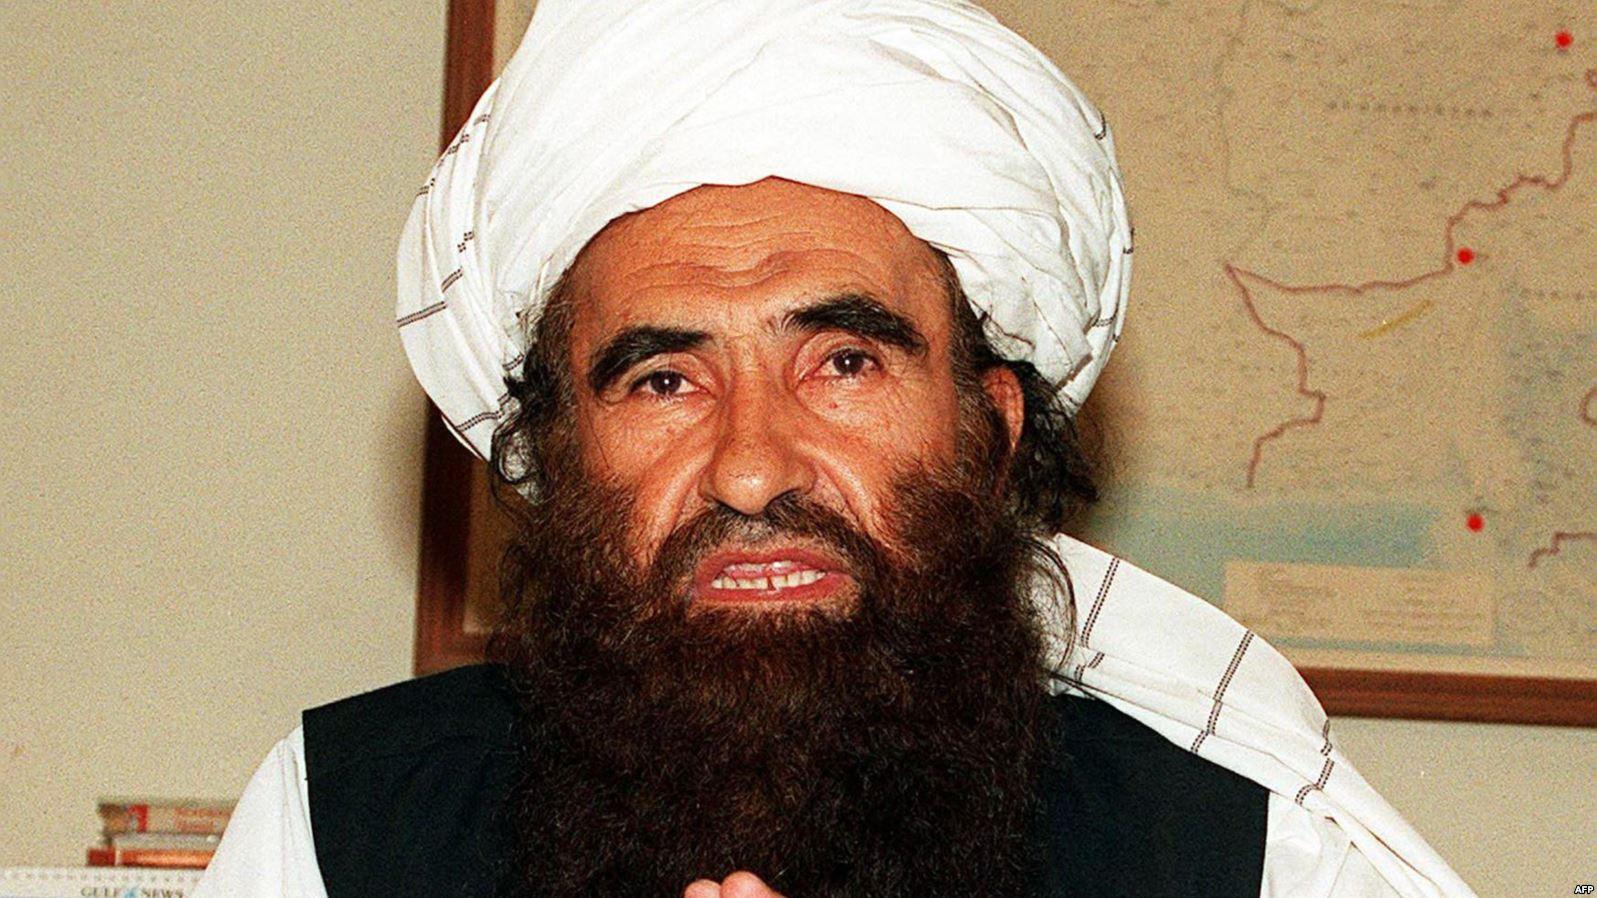 Founder of the Haqqani Network, Jalaluddin Haqqani, in 2001 photo.